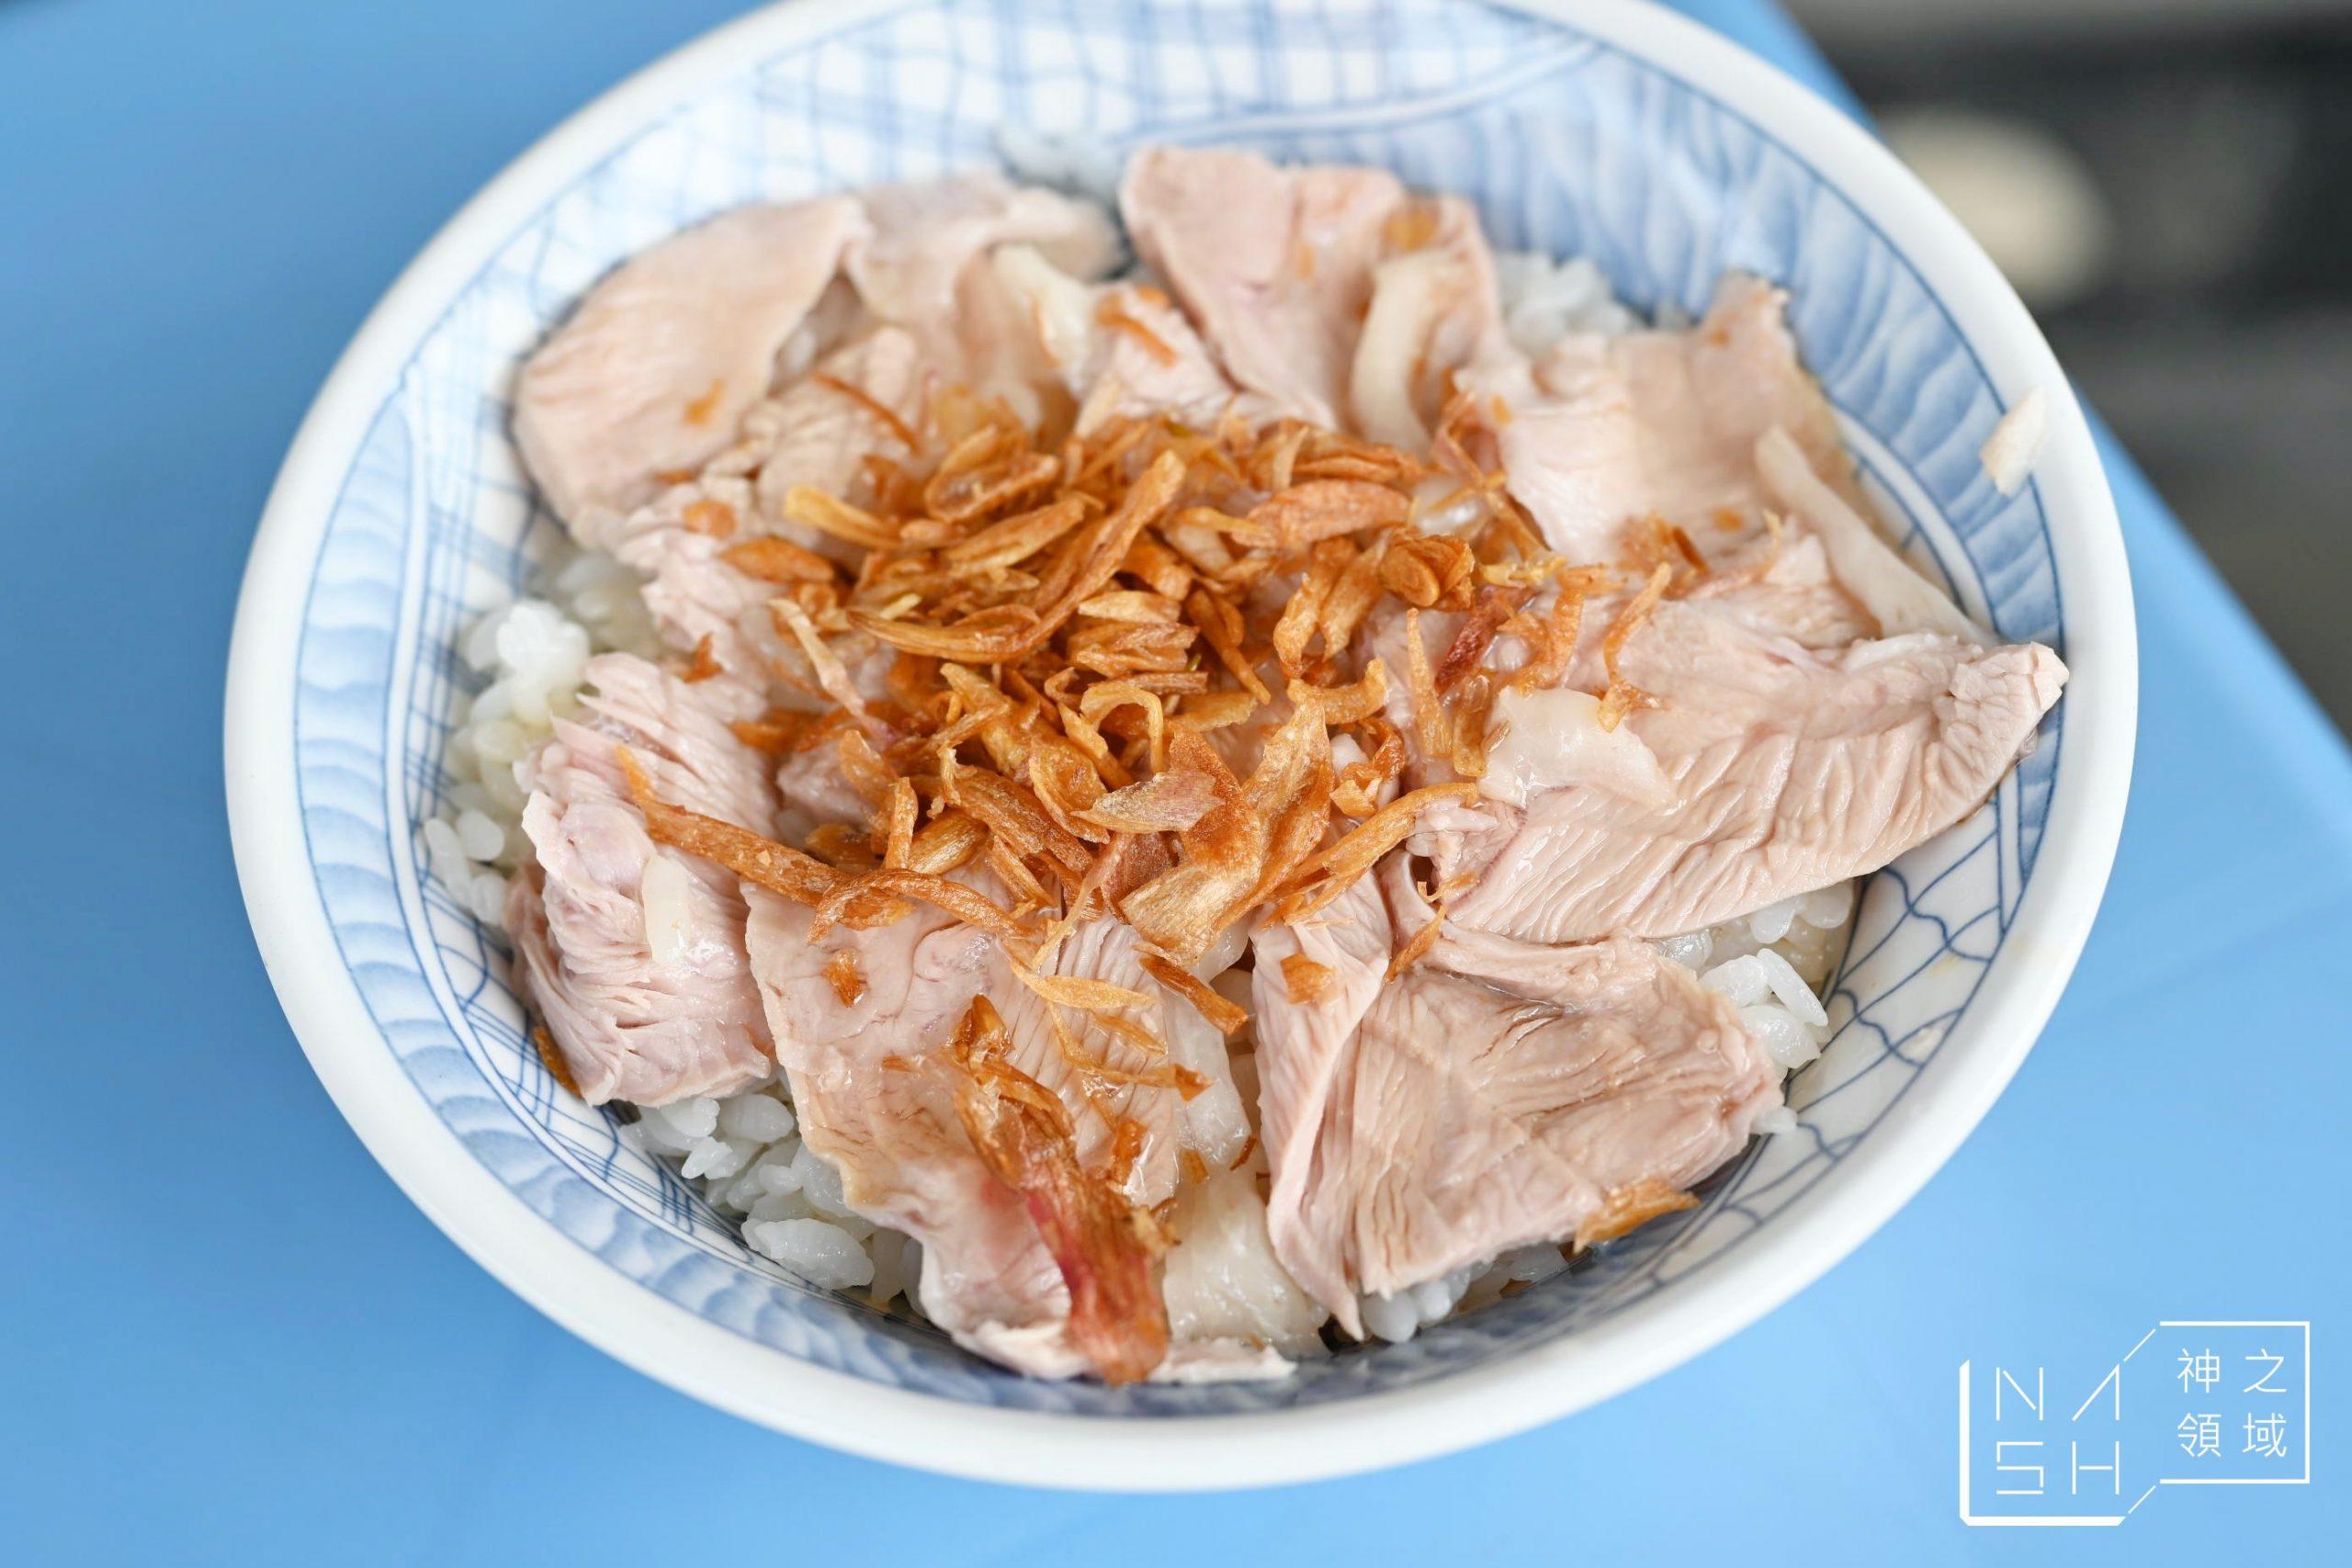 嘉義公園火雞肉飯